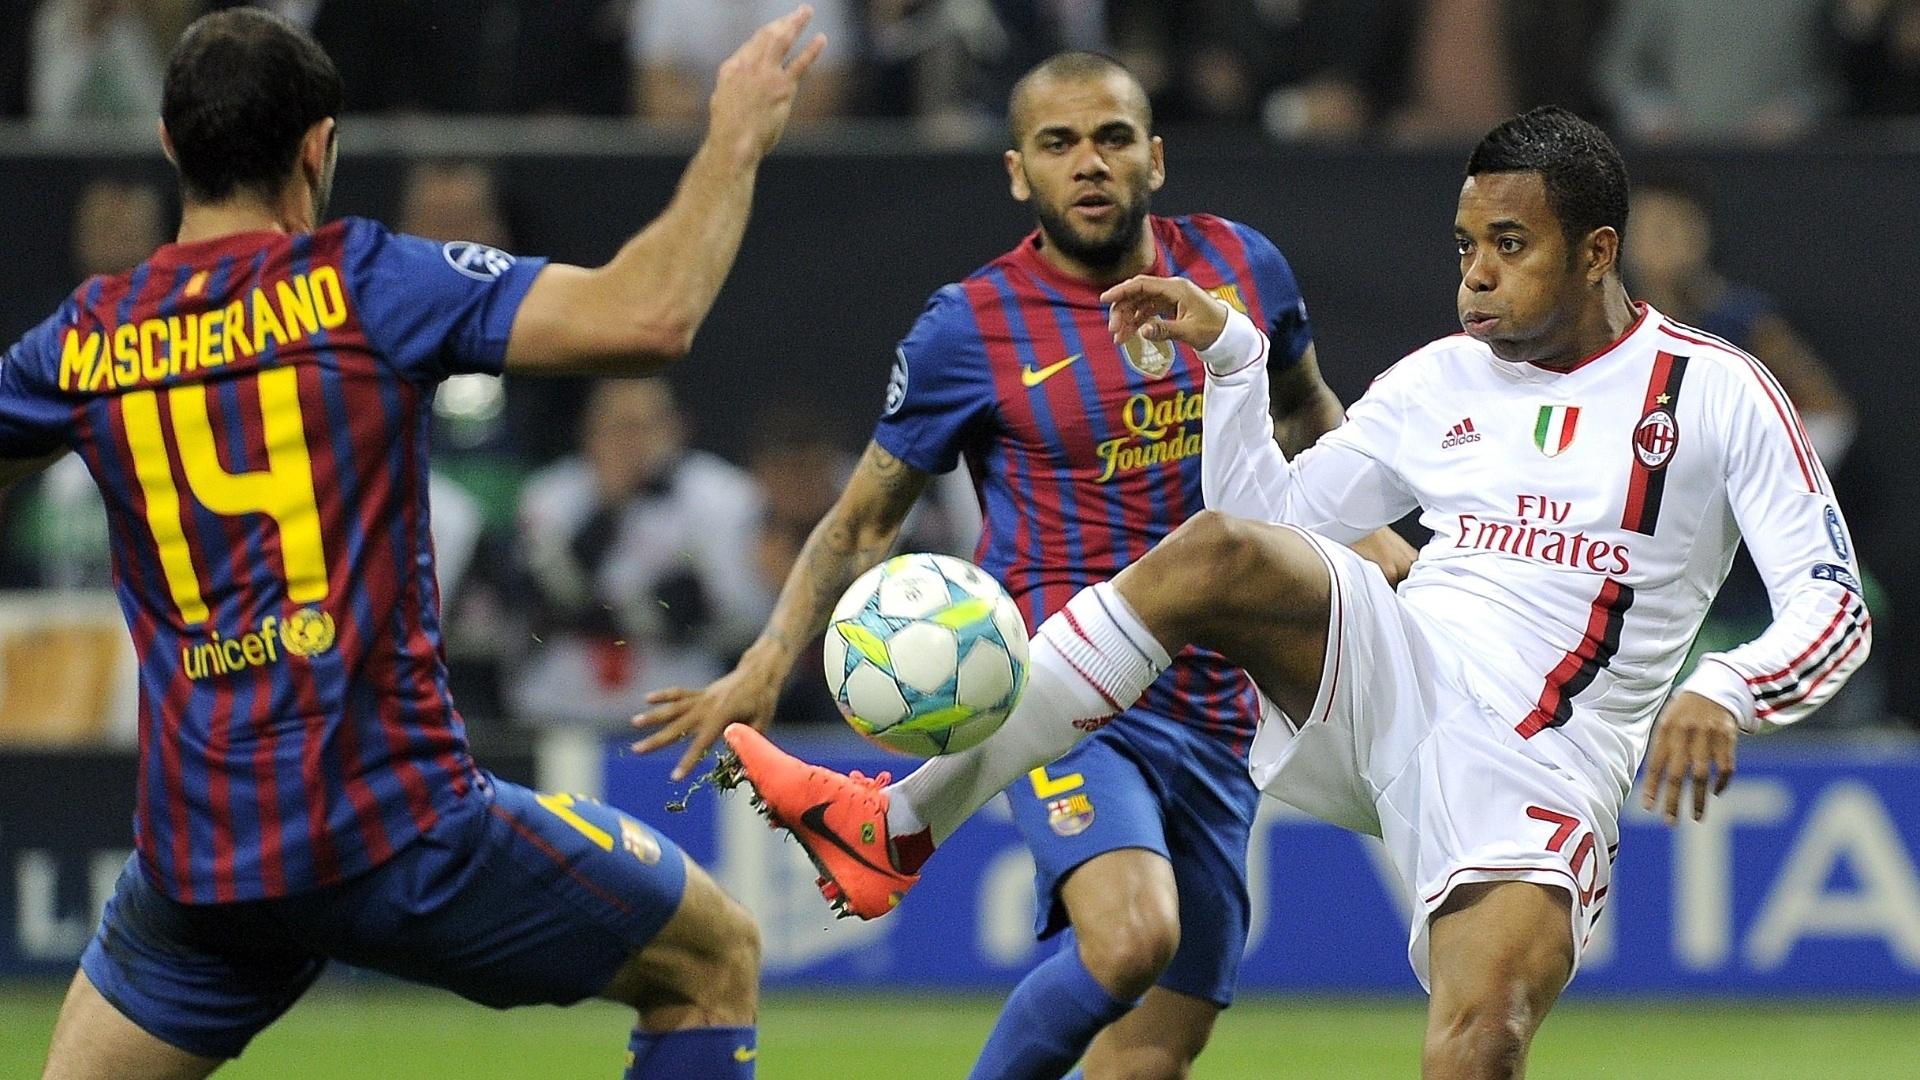 Atacante Robinho domina a bola diante da marcação de Mascherano e Daniel Alves